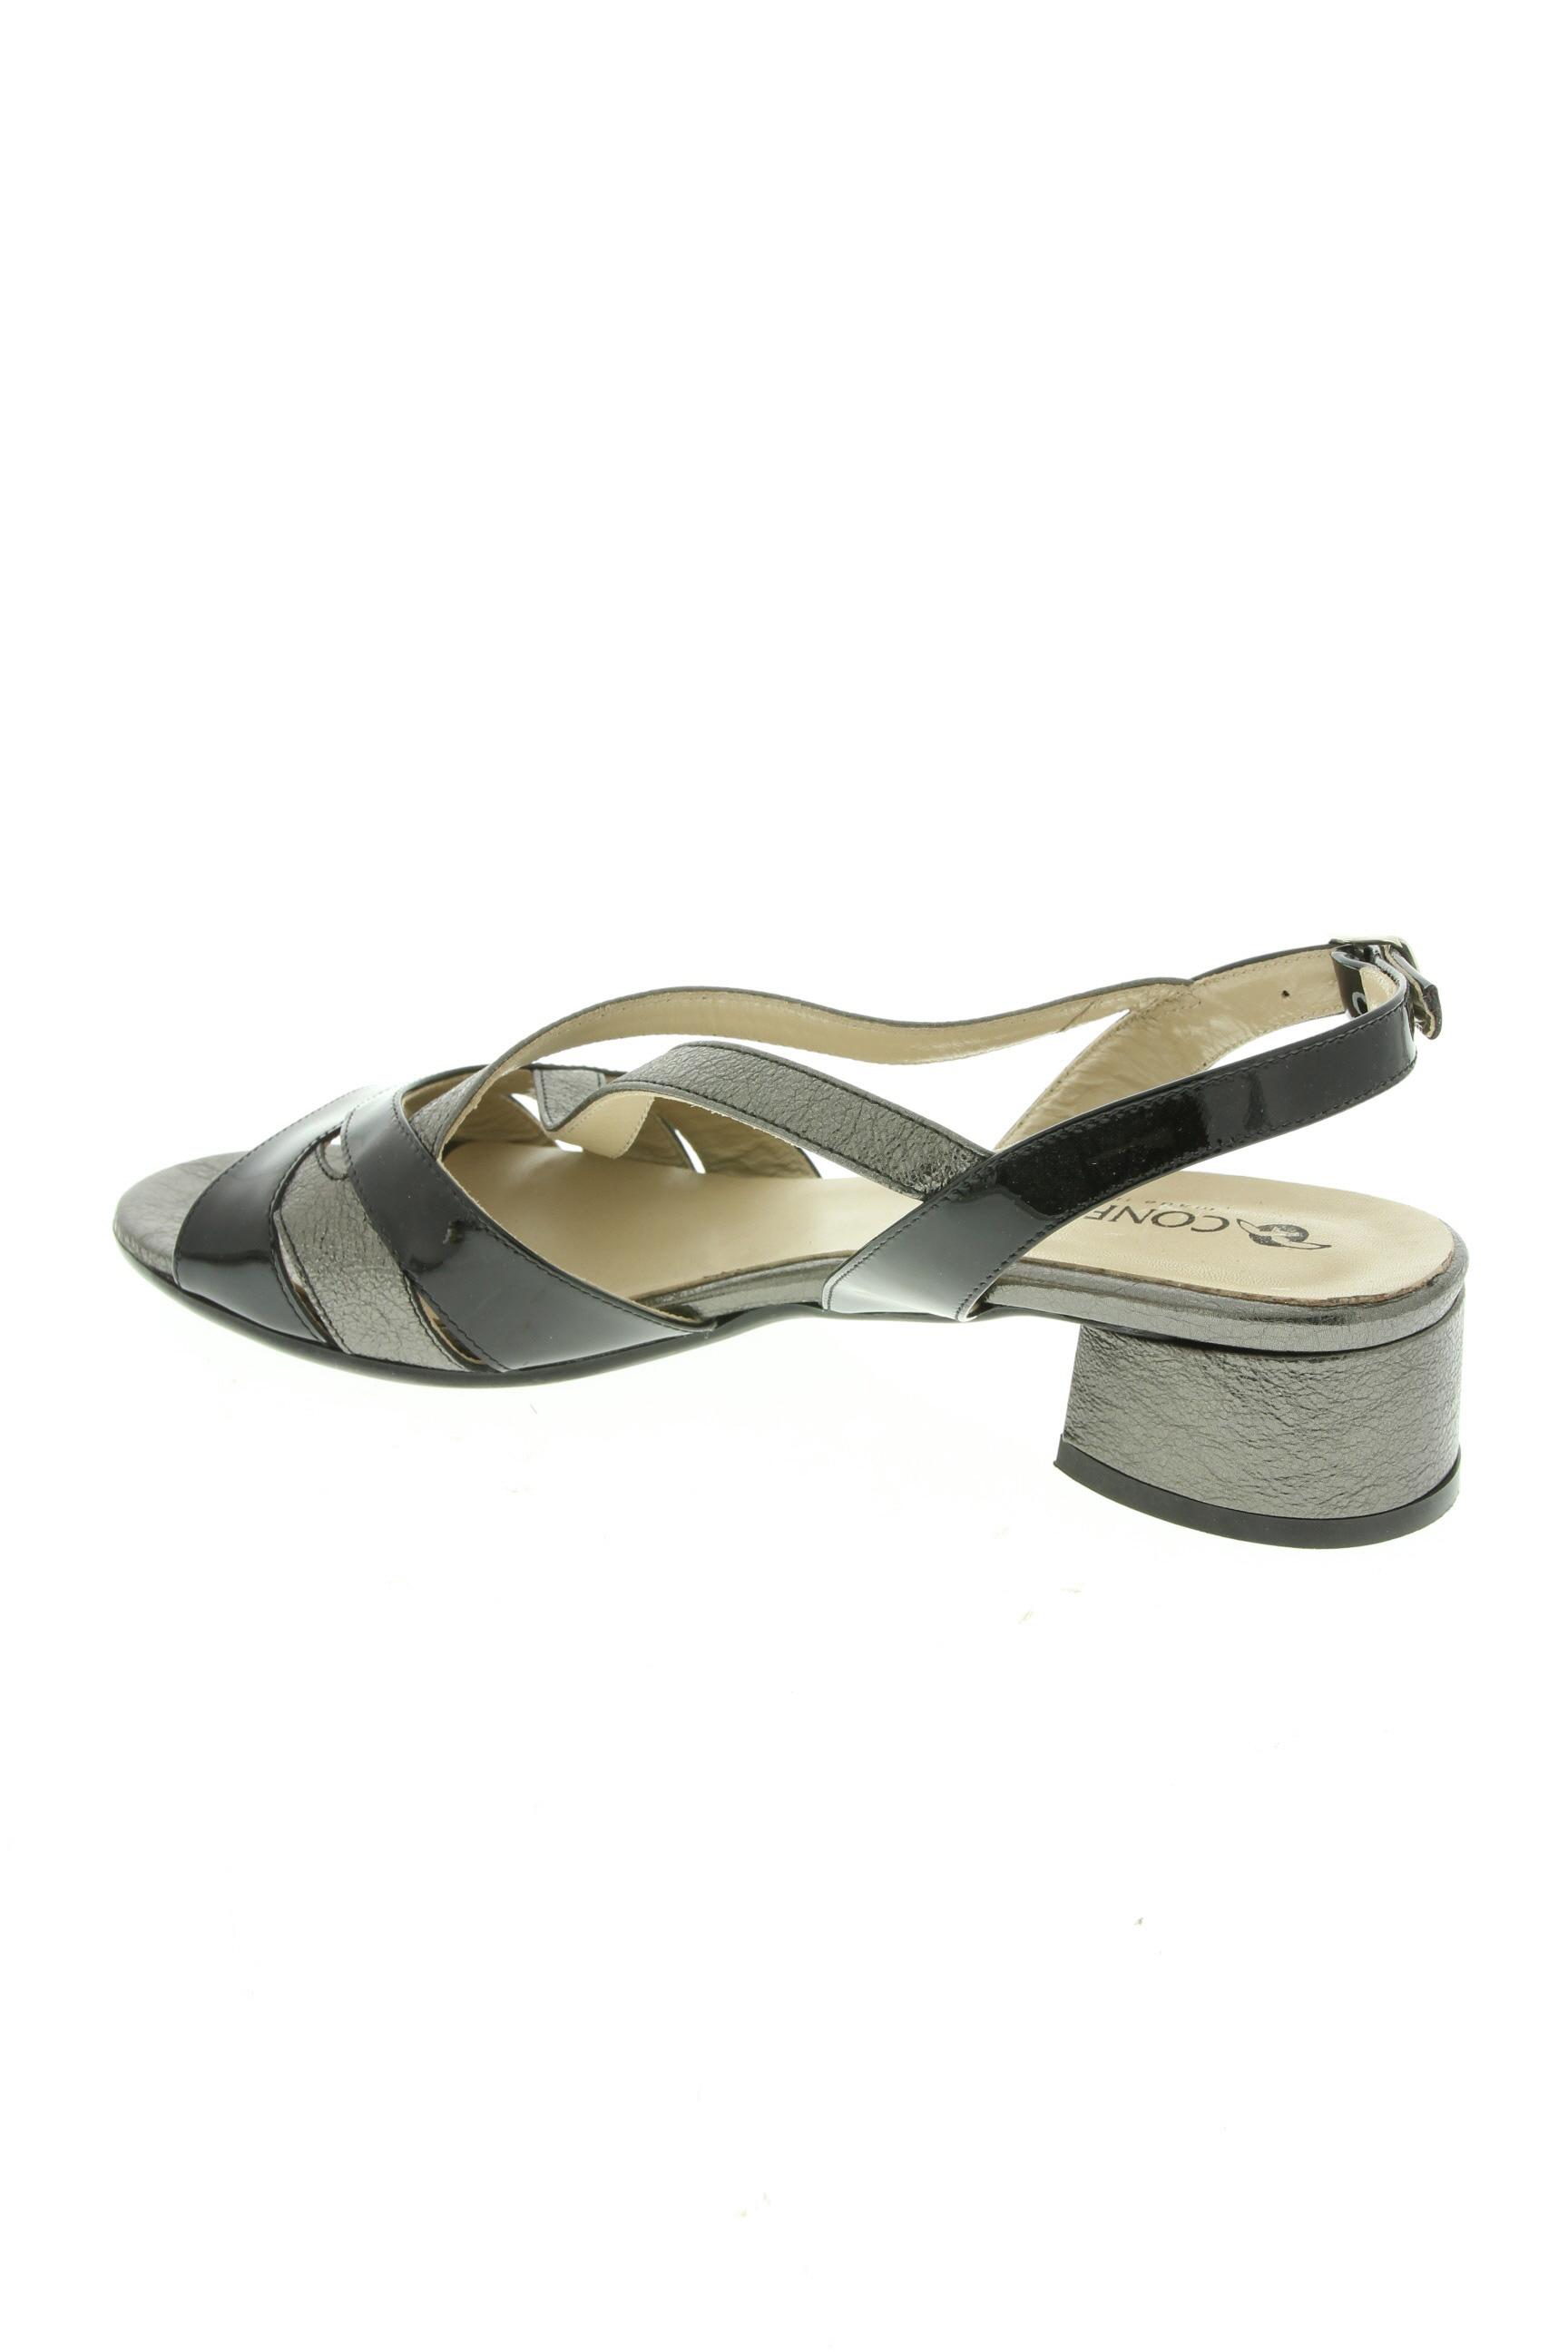 Confort Sandales Nu Pieds Femme De Couleur Noir En Soldes Pas Cher 1290321-noir00